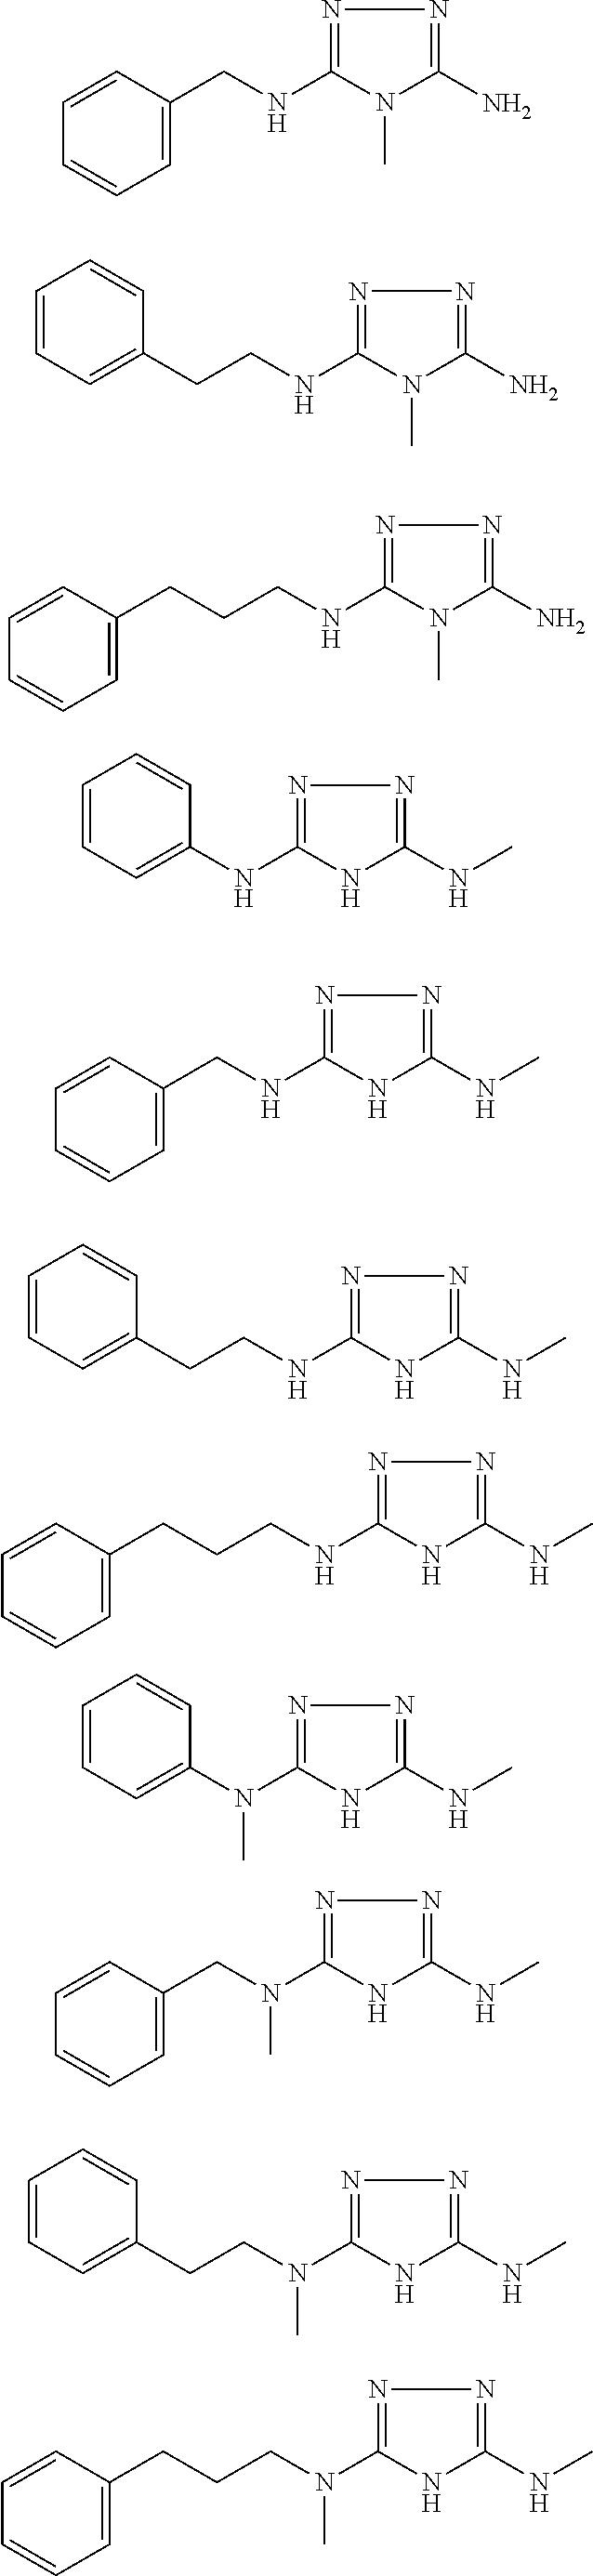 Figure US09480663-20161101-C00059